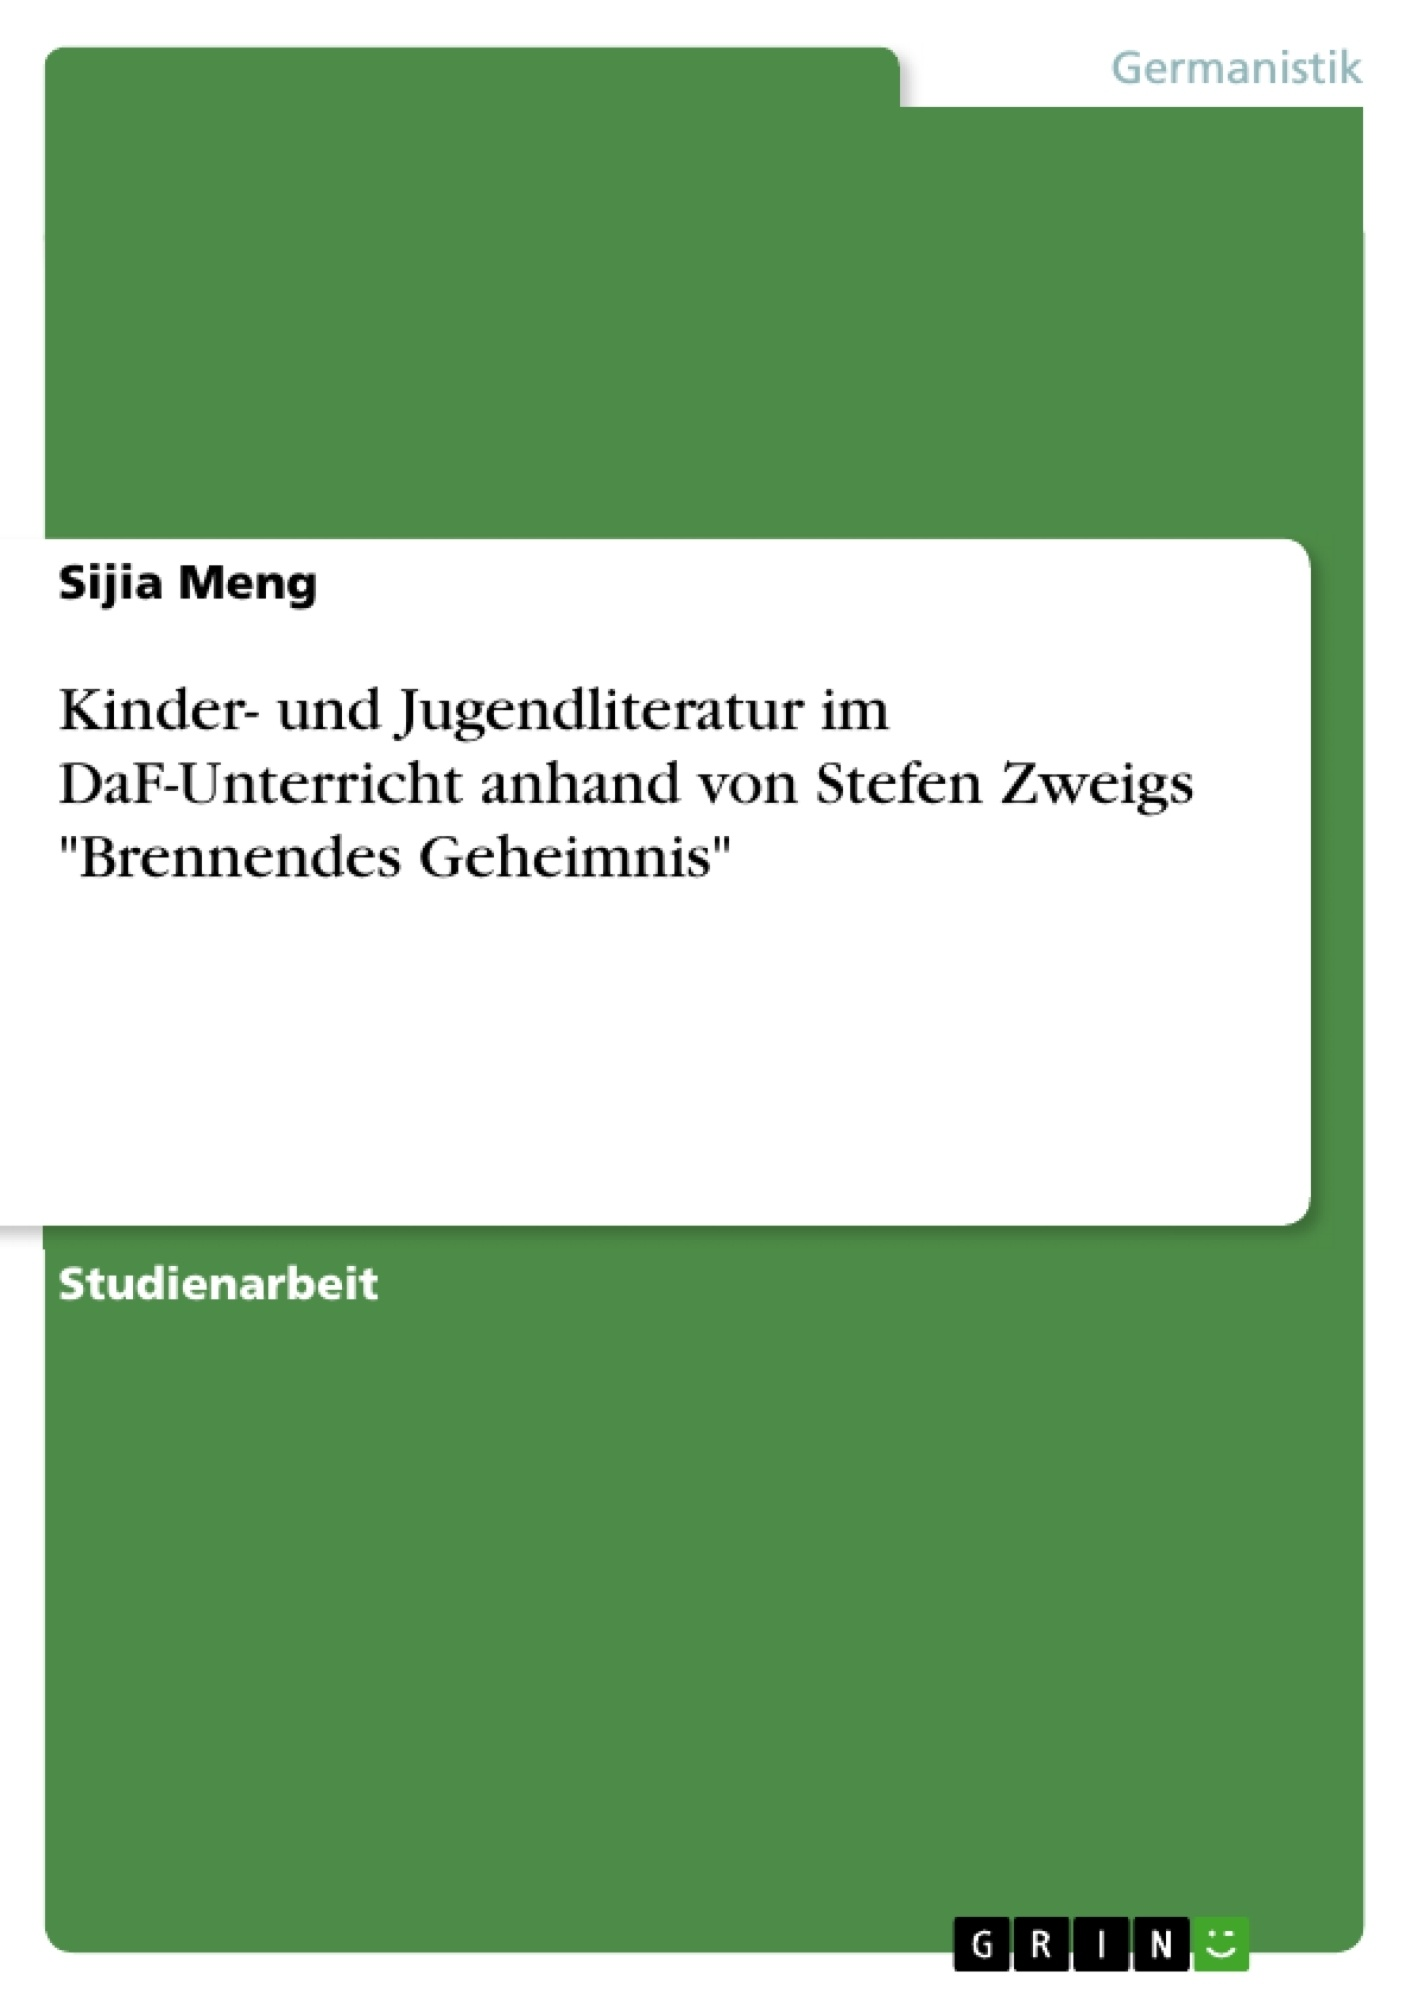 """Titel: Kinder- und Jugendliteratur im DaF-Unterricht anhand von Stefen Zweigs """"Brennendes Geheimnis"""""""